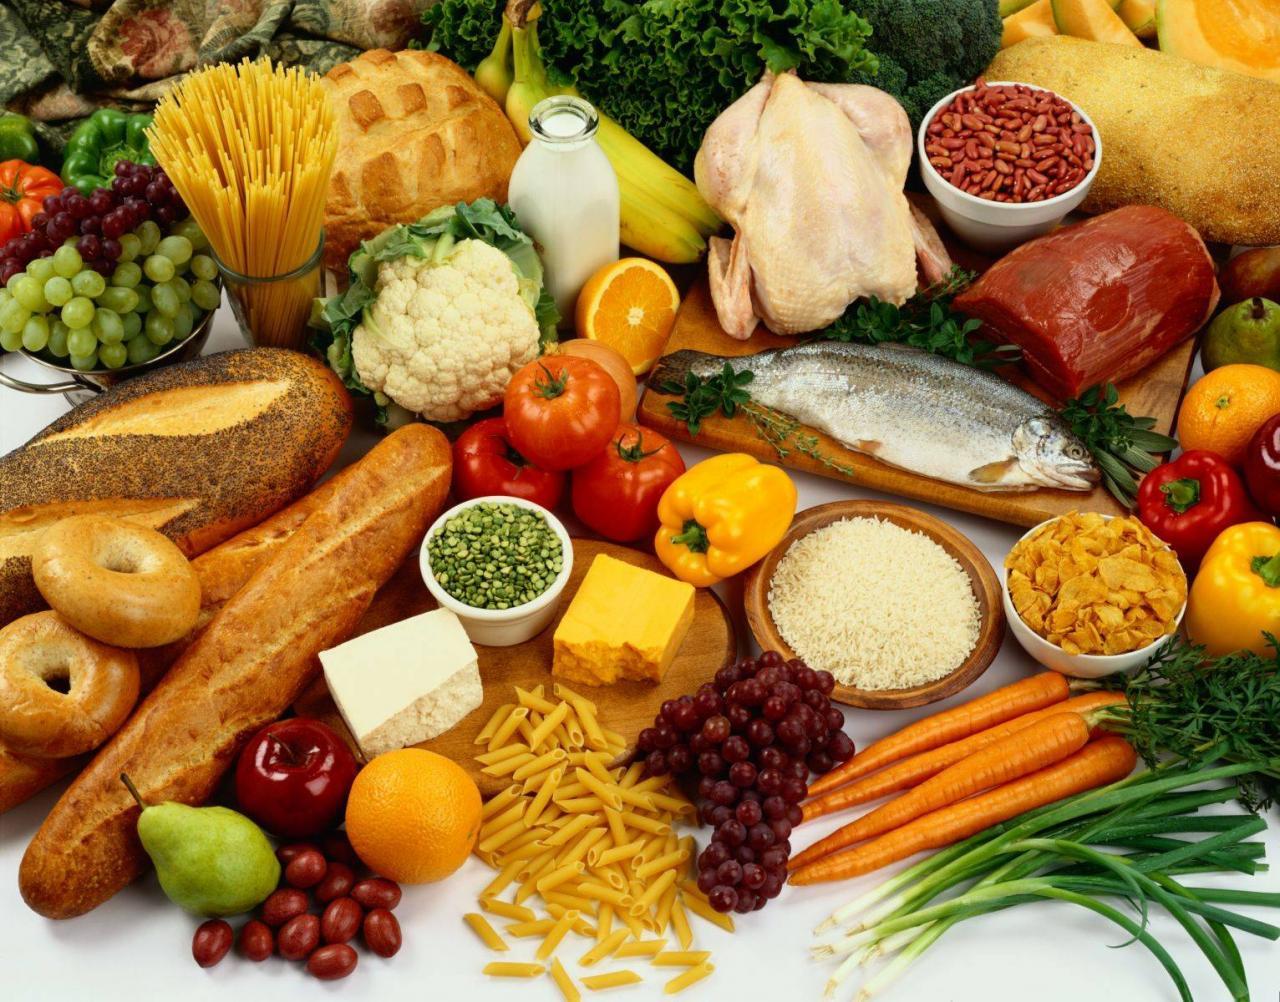 صورة اطعمة تزيد الشهوة عند النساء , تعرف على اطعمة تجعل المراة في حالة الشهوة لرجال 6639 3